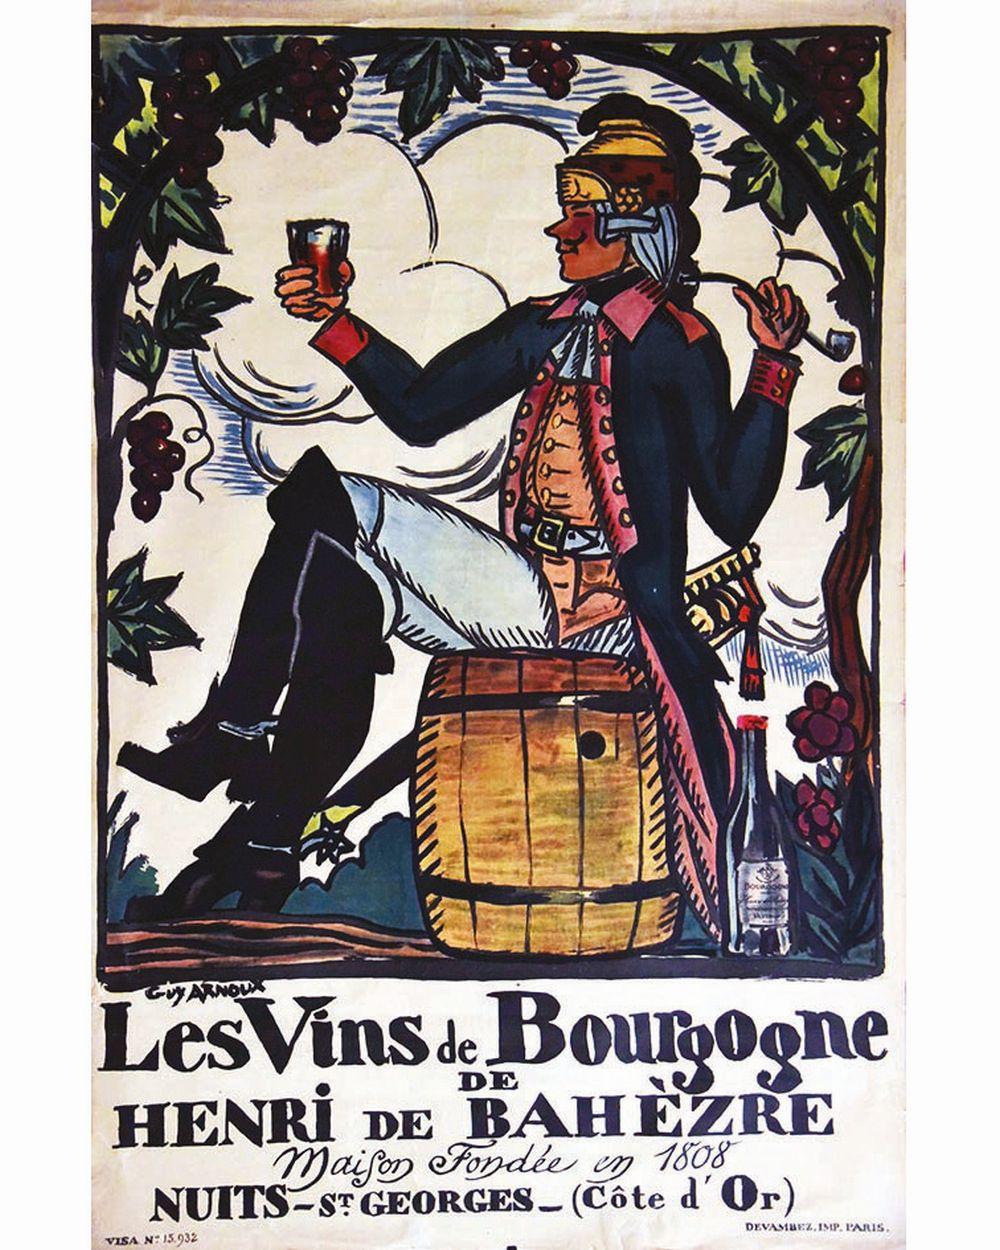 ARNOUX GUY - Les vins de Bourgogne de Henri de Bahézre. Maison fondée en 1808     vers 1930  Nuits-Saint-Georges (Côte d'Or)